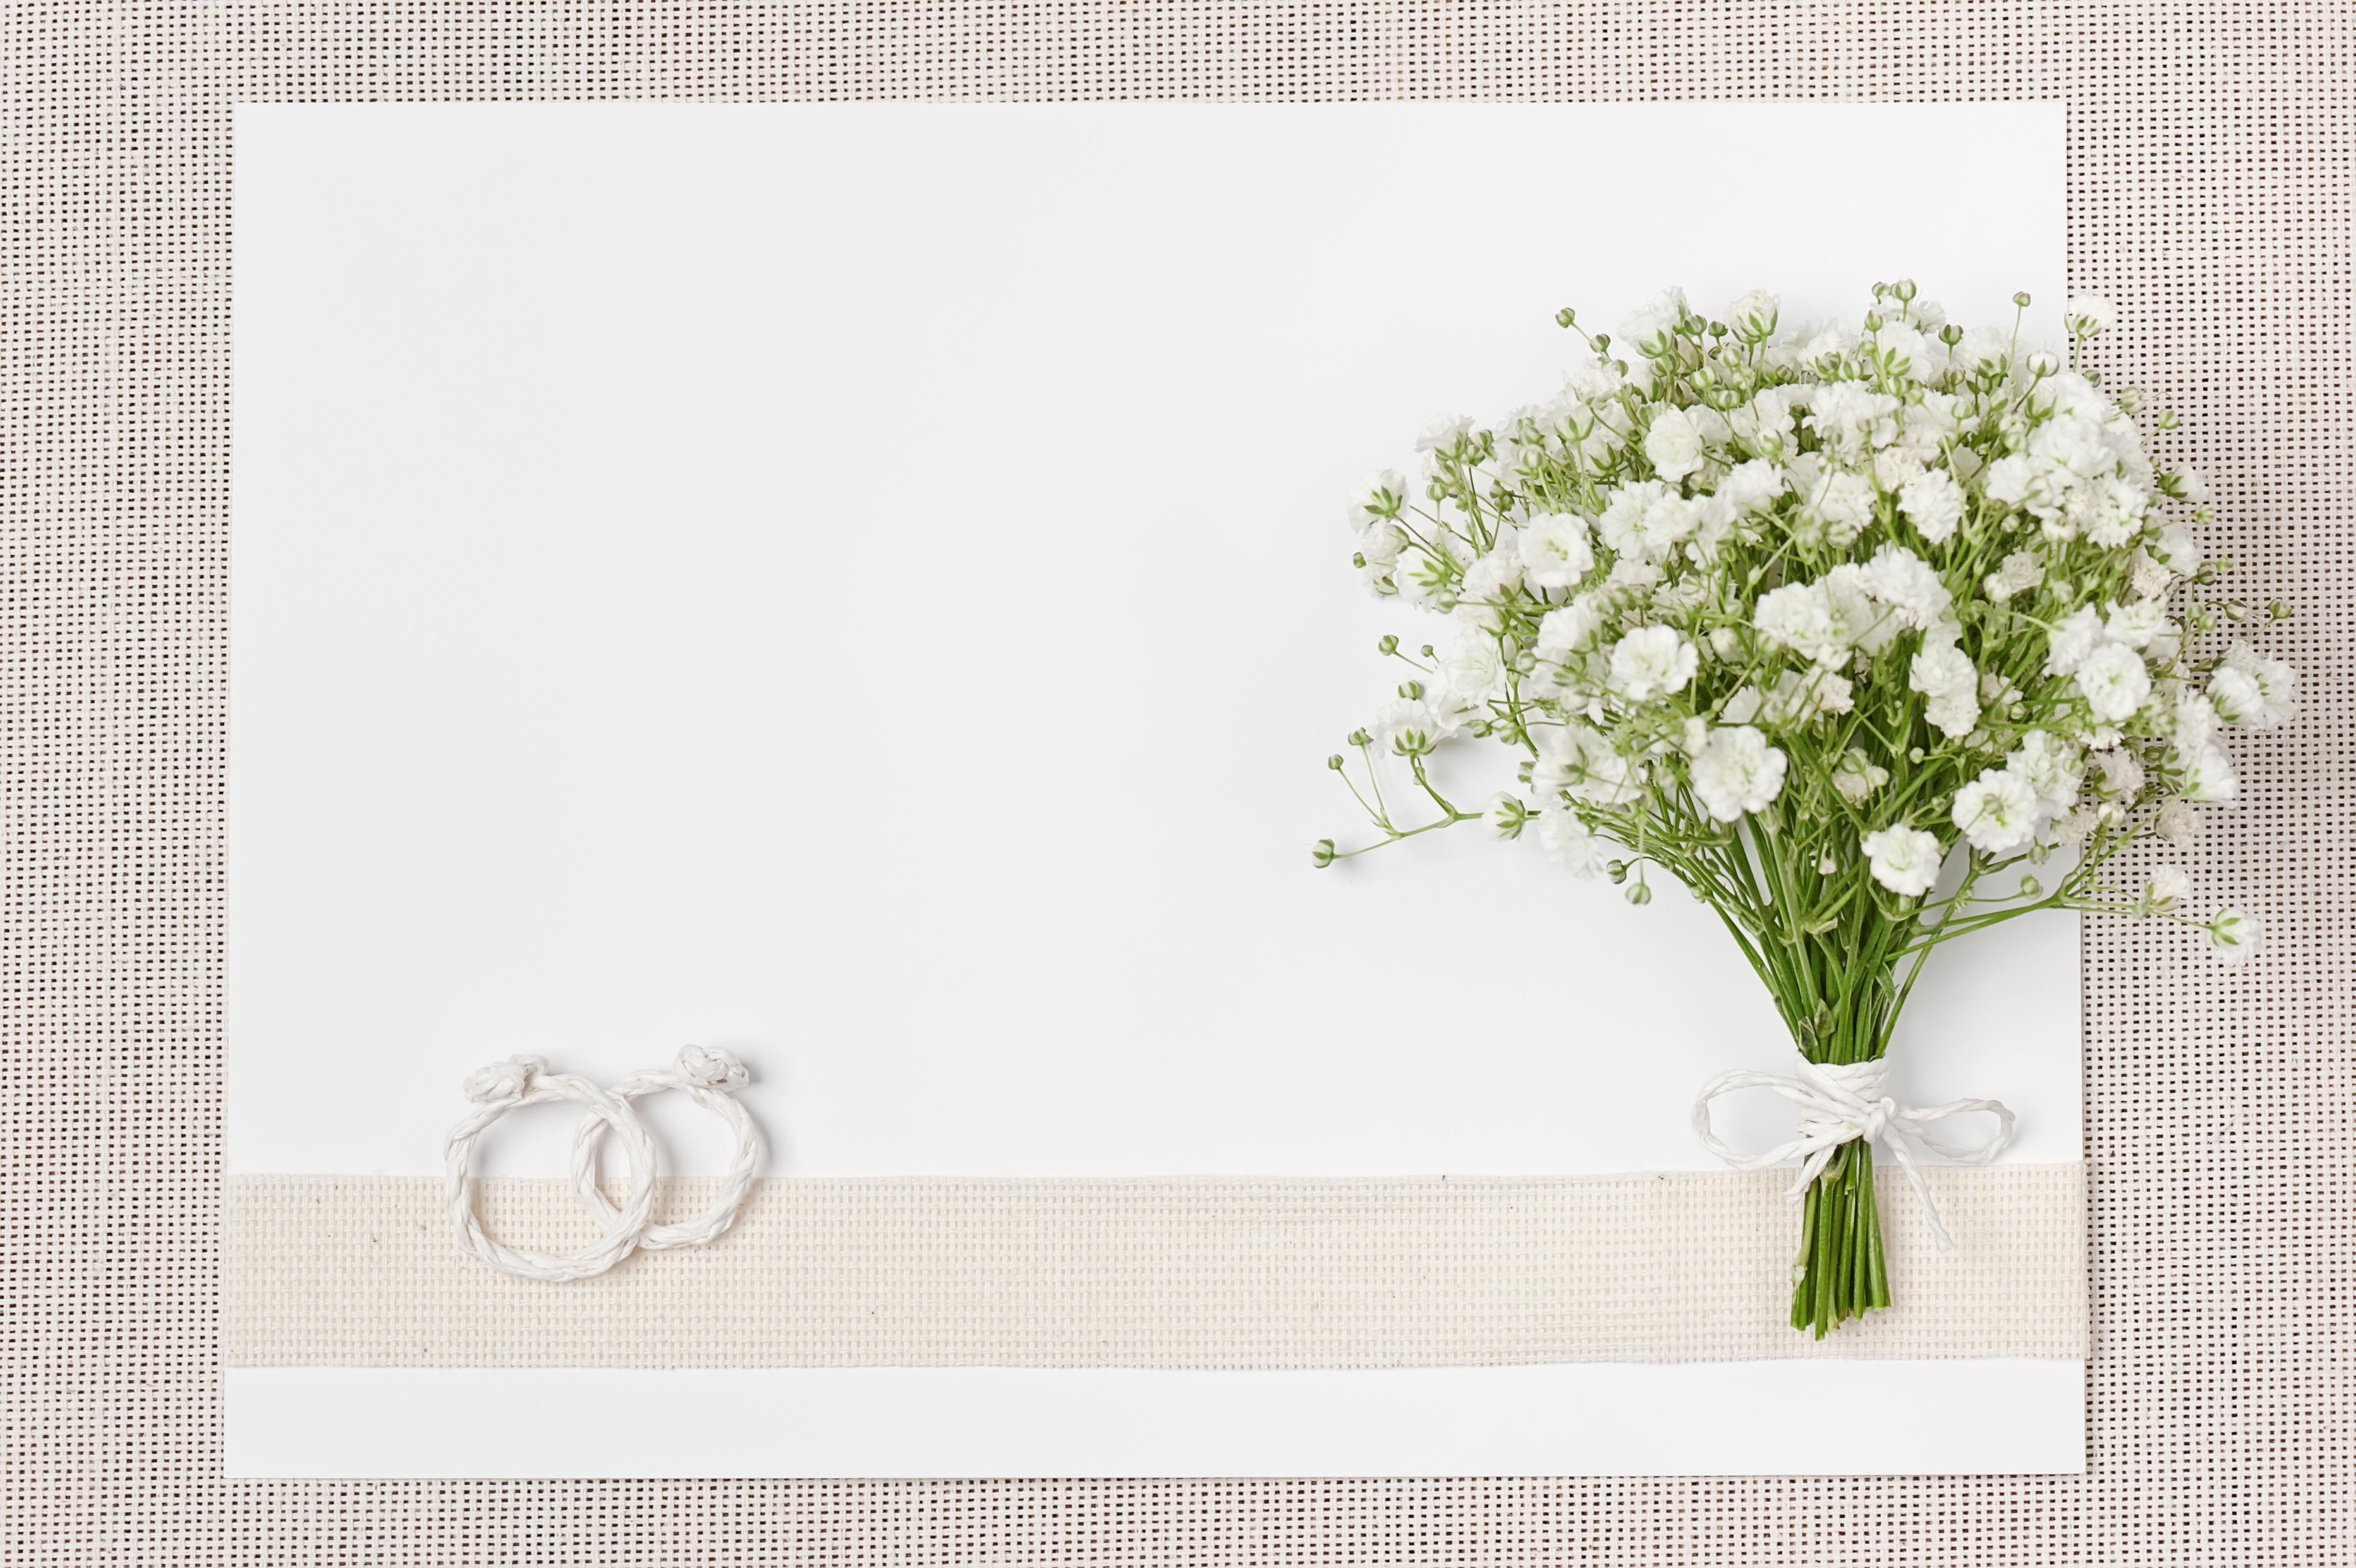 Прикольные, маленькие свадебные картинки для открыток